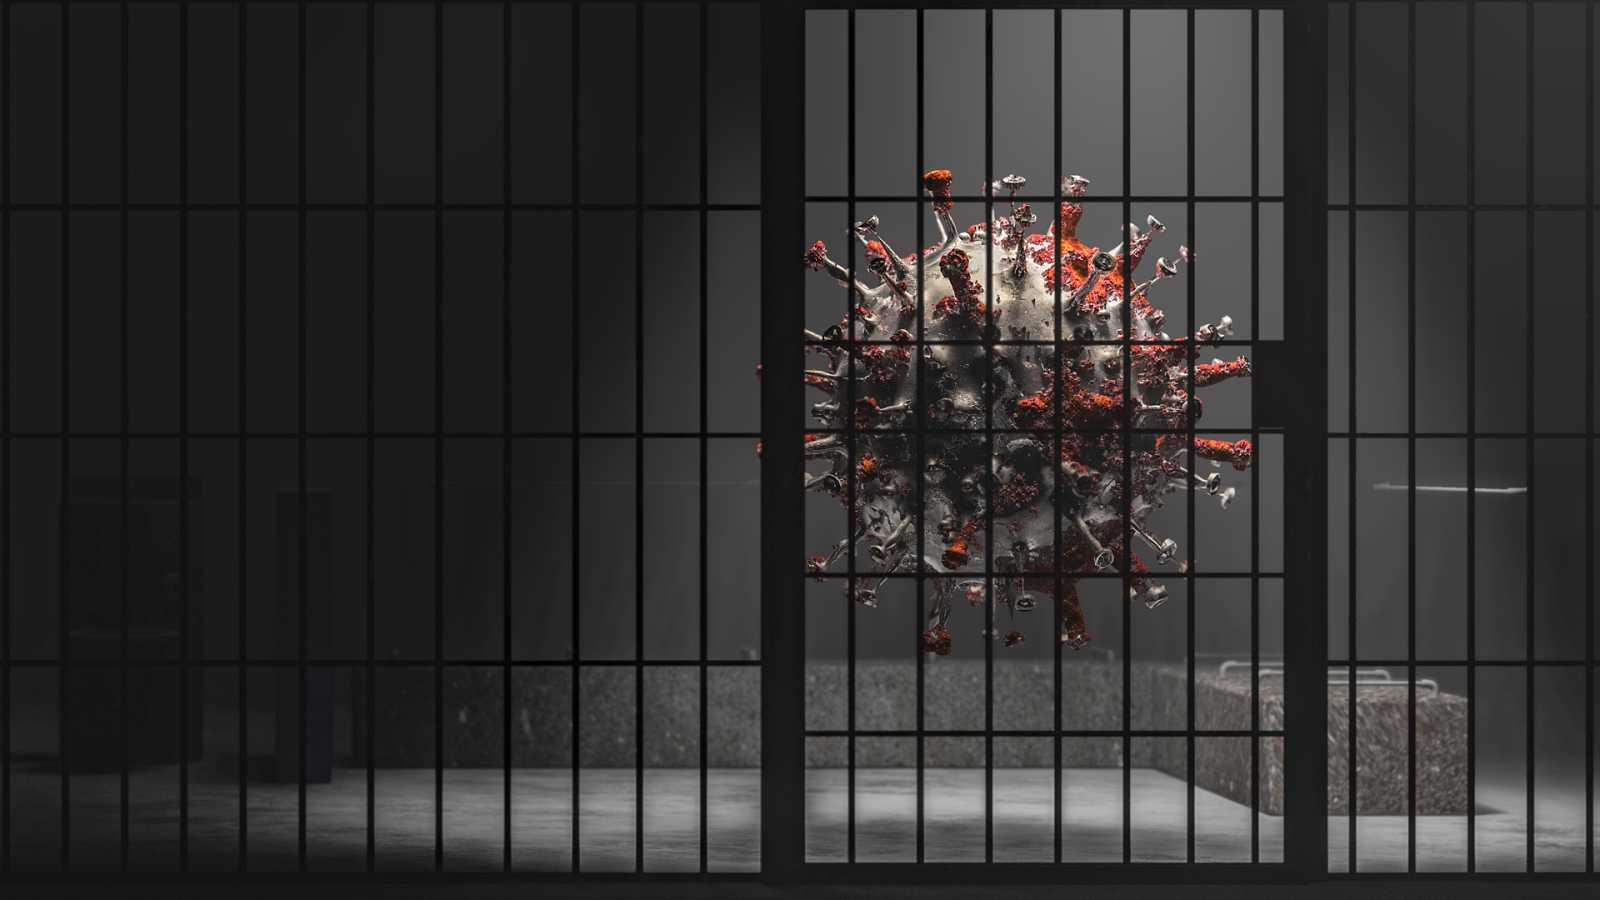 Europa abierta - España, el tercer país de Europa en contagios de COVID en las cárceles - escuchar ahora